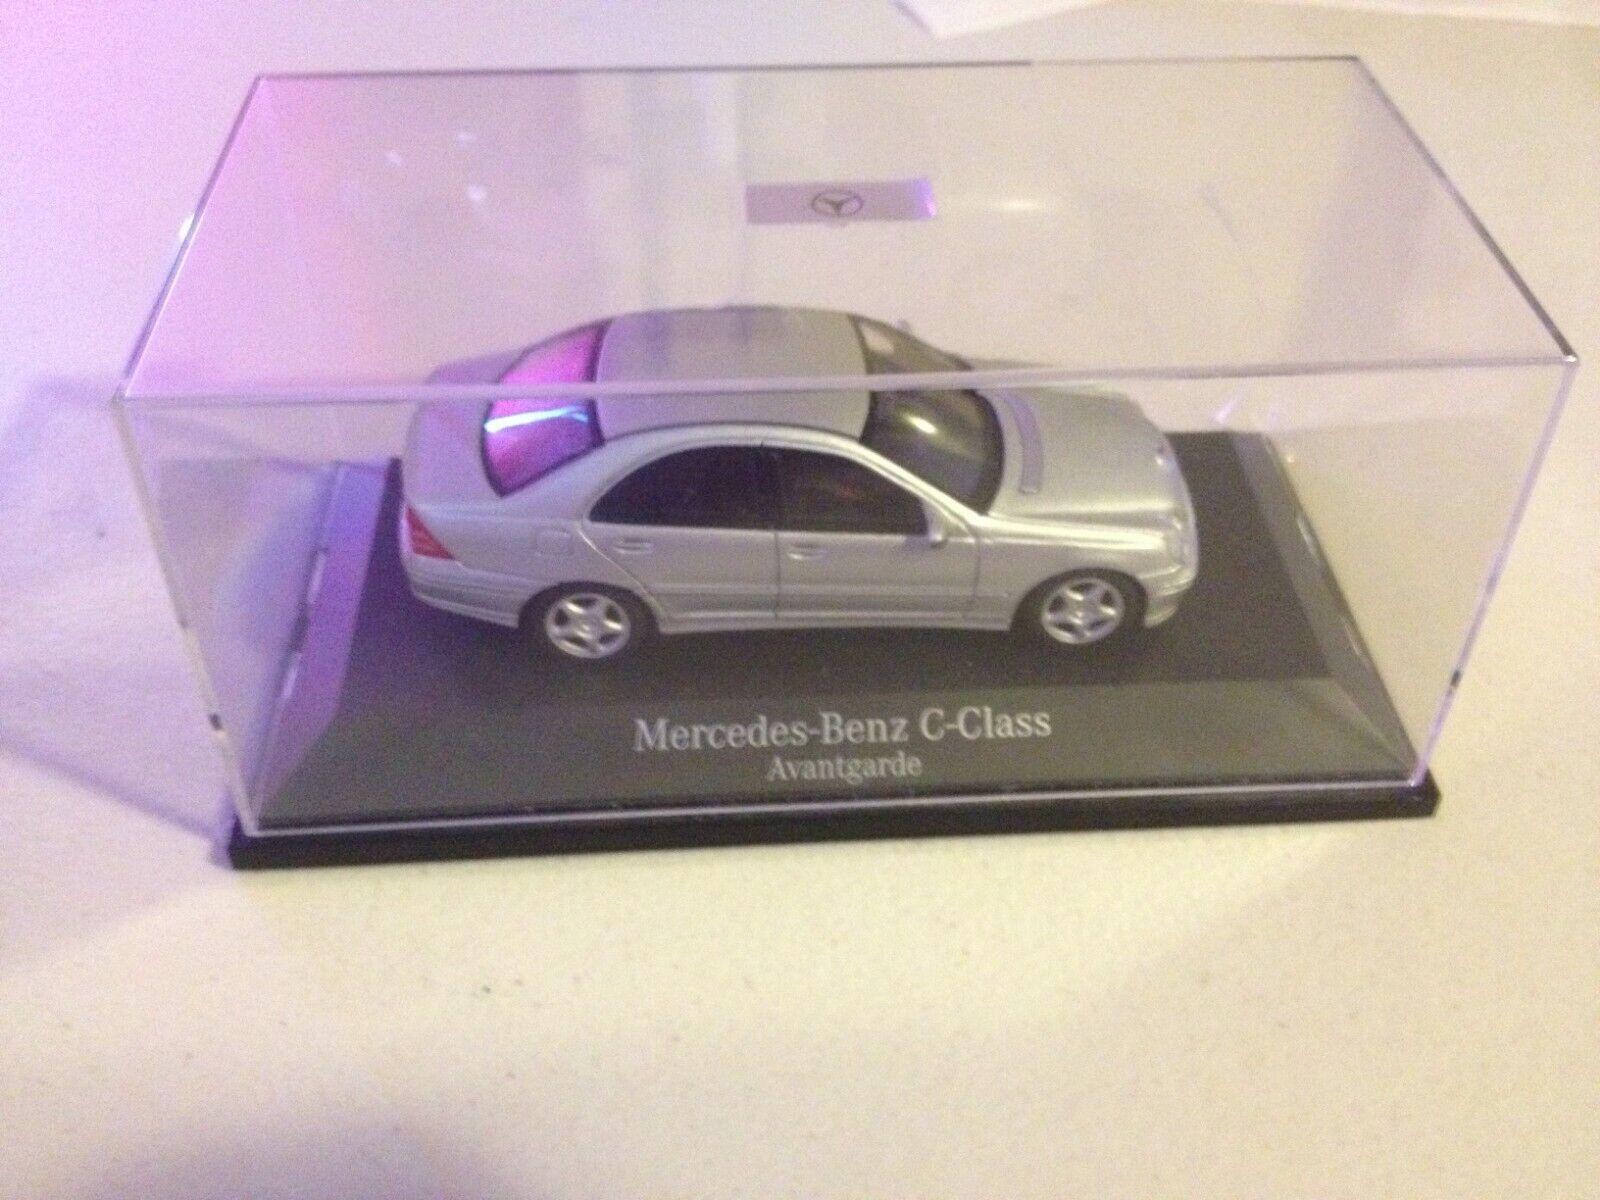 marca famosa 2013 Mercedes C-KLASSE Avantgarde Schuco Schuco Schuco 1 43 Envío Gratuito  Envíos y devoluciones gratis.